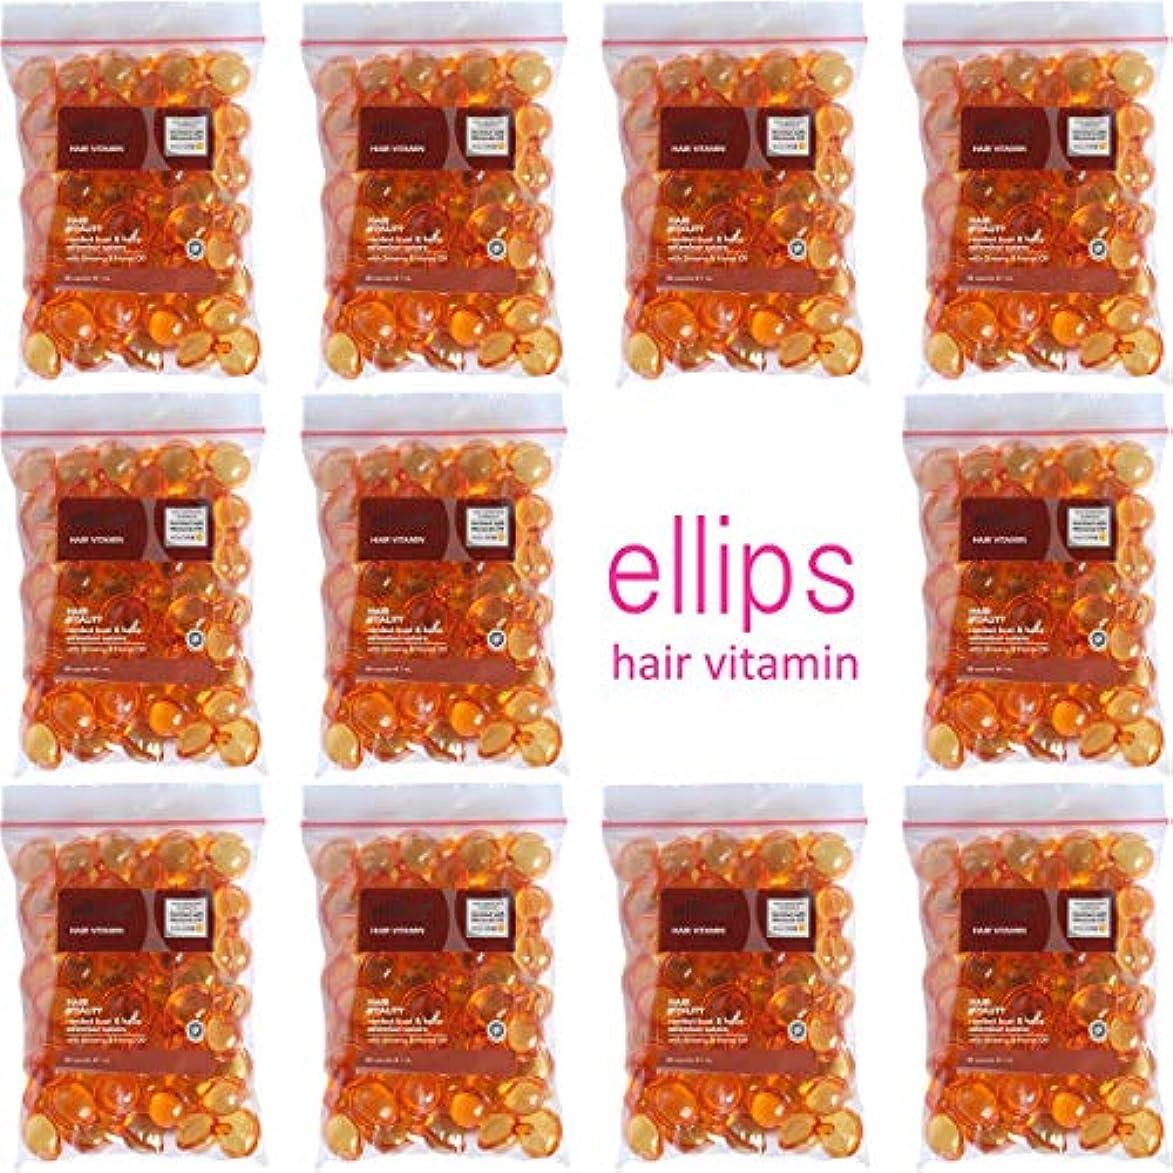 ピアノを弾くドックハードリングellips エリプス エリップス ヘアビタミン ヘアオイル 洗い流さないトリートメント 袋詰め 50粒入×11個セット ブラウン [海外直送品]